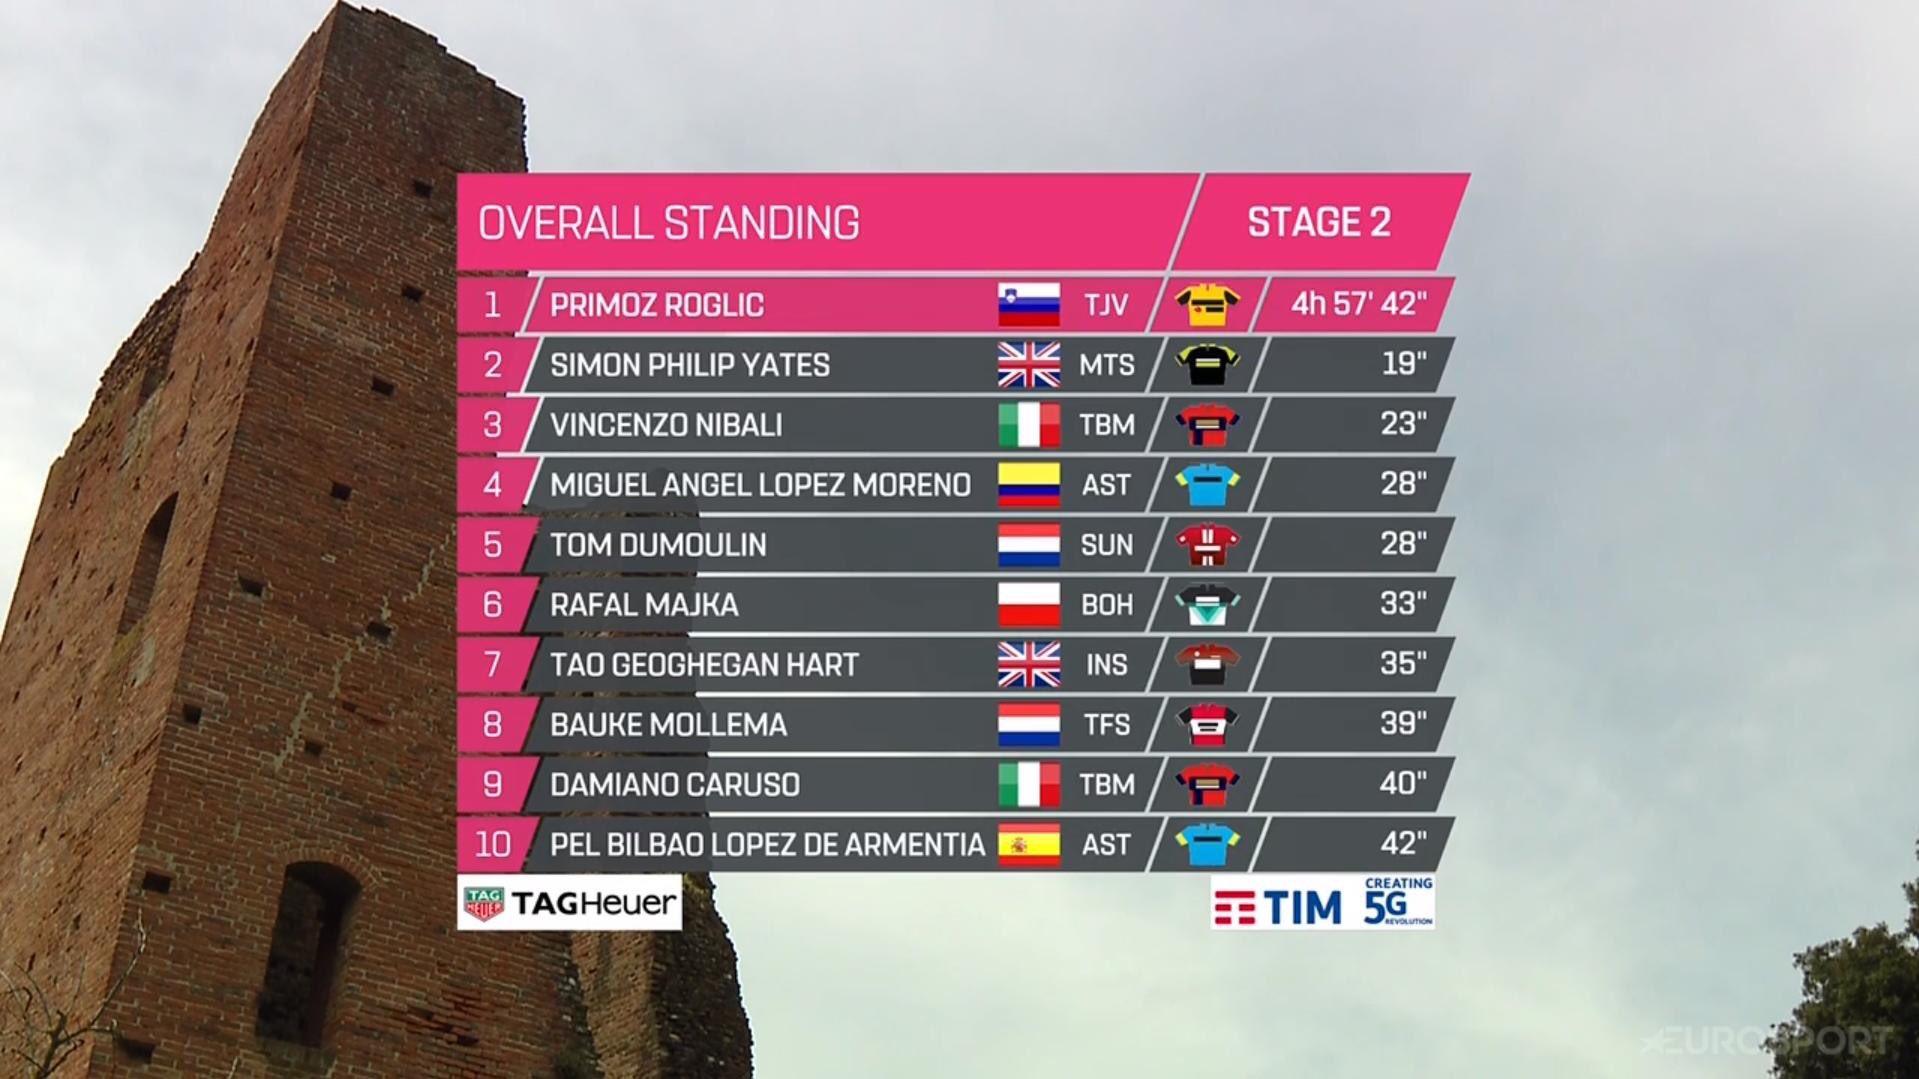 Clasificación general Giro de Italia etapa 2